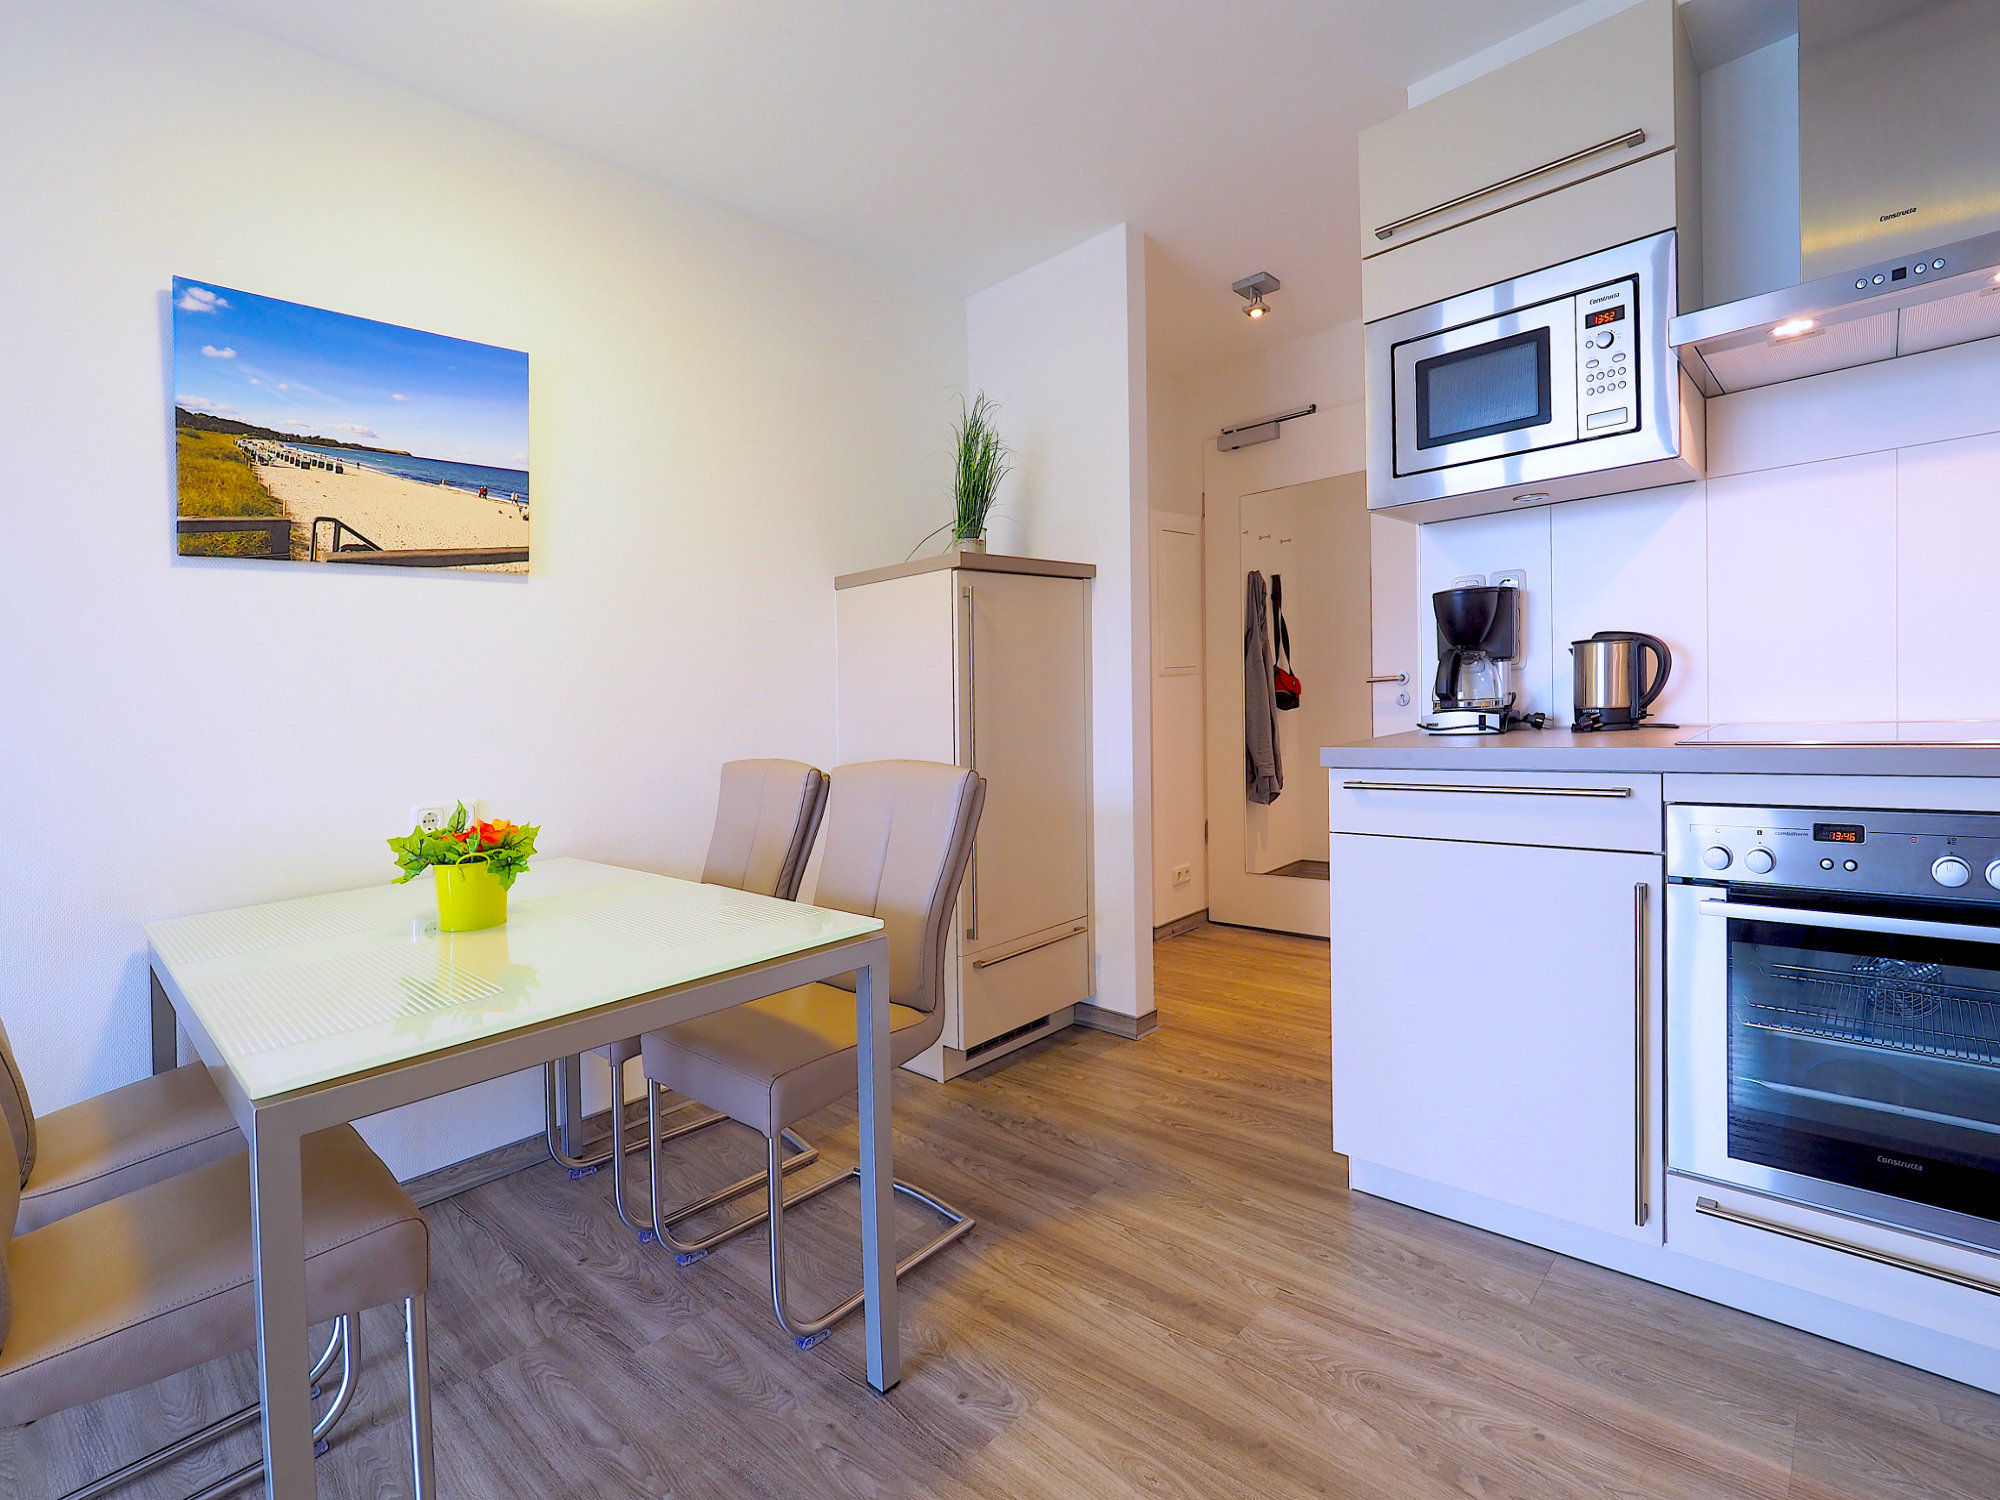 Esstisch mit 4 Stühlen und moderner Küchenzeile